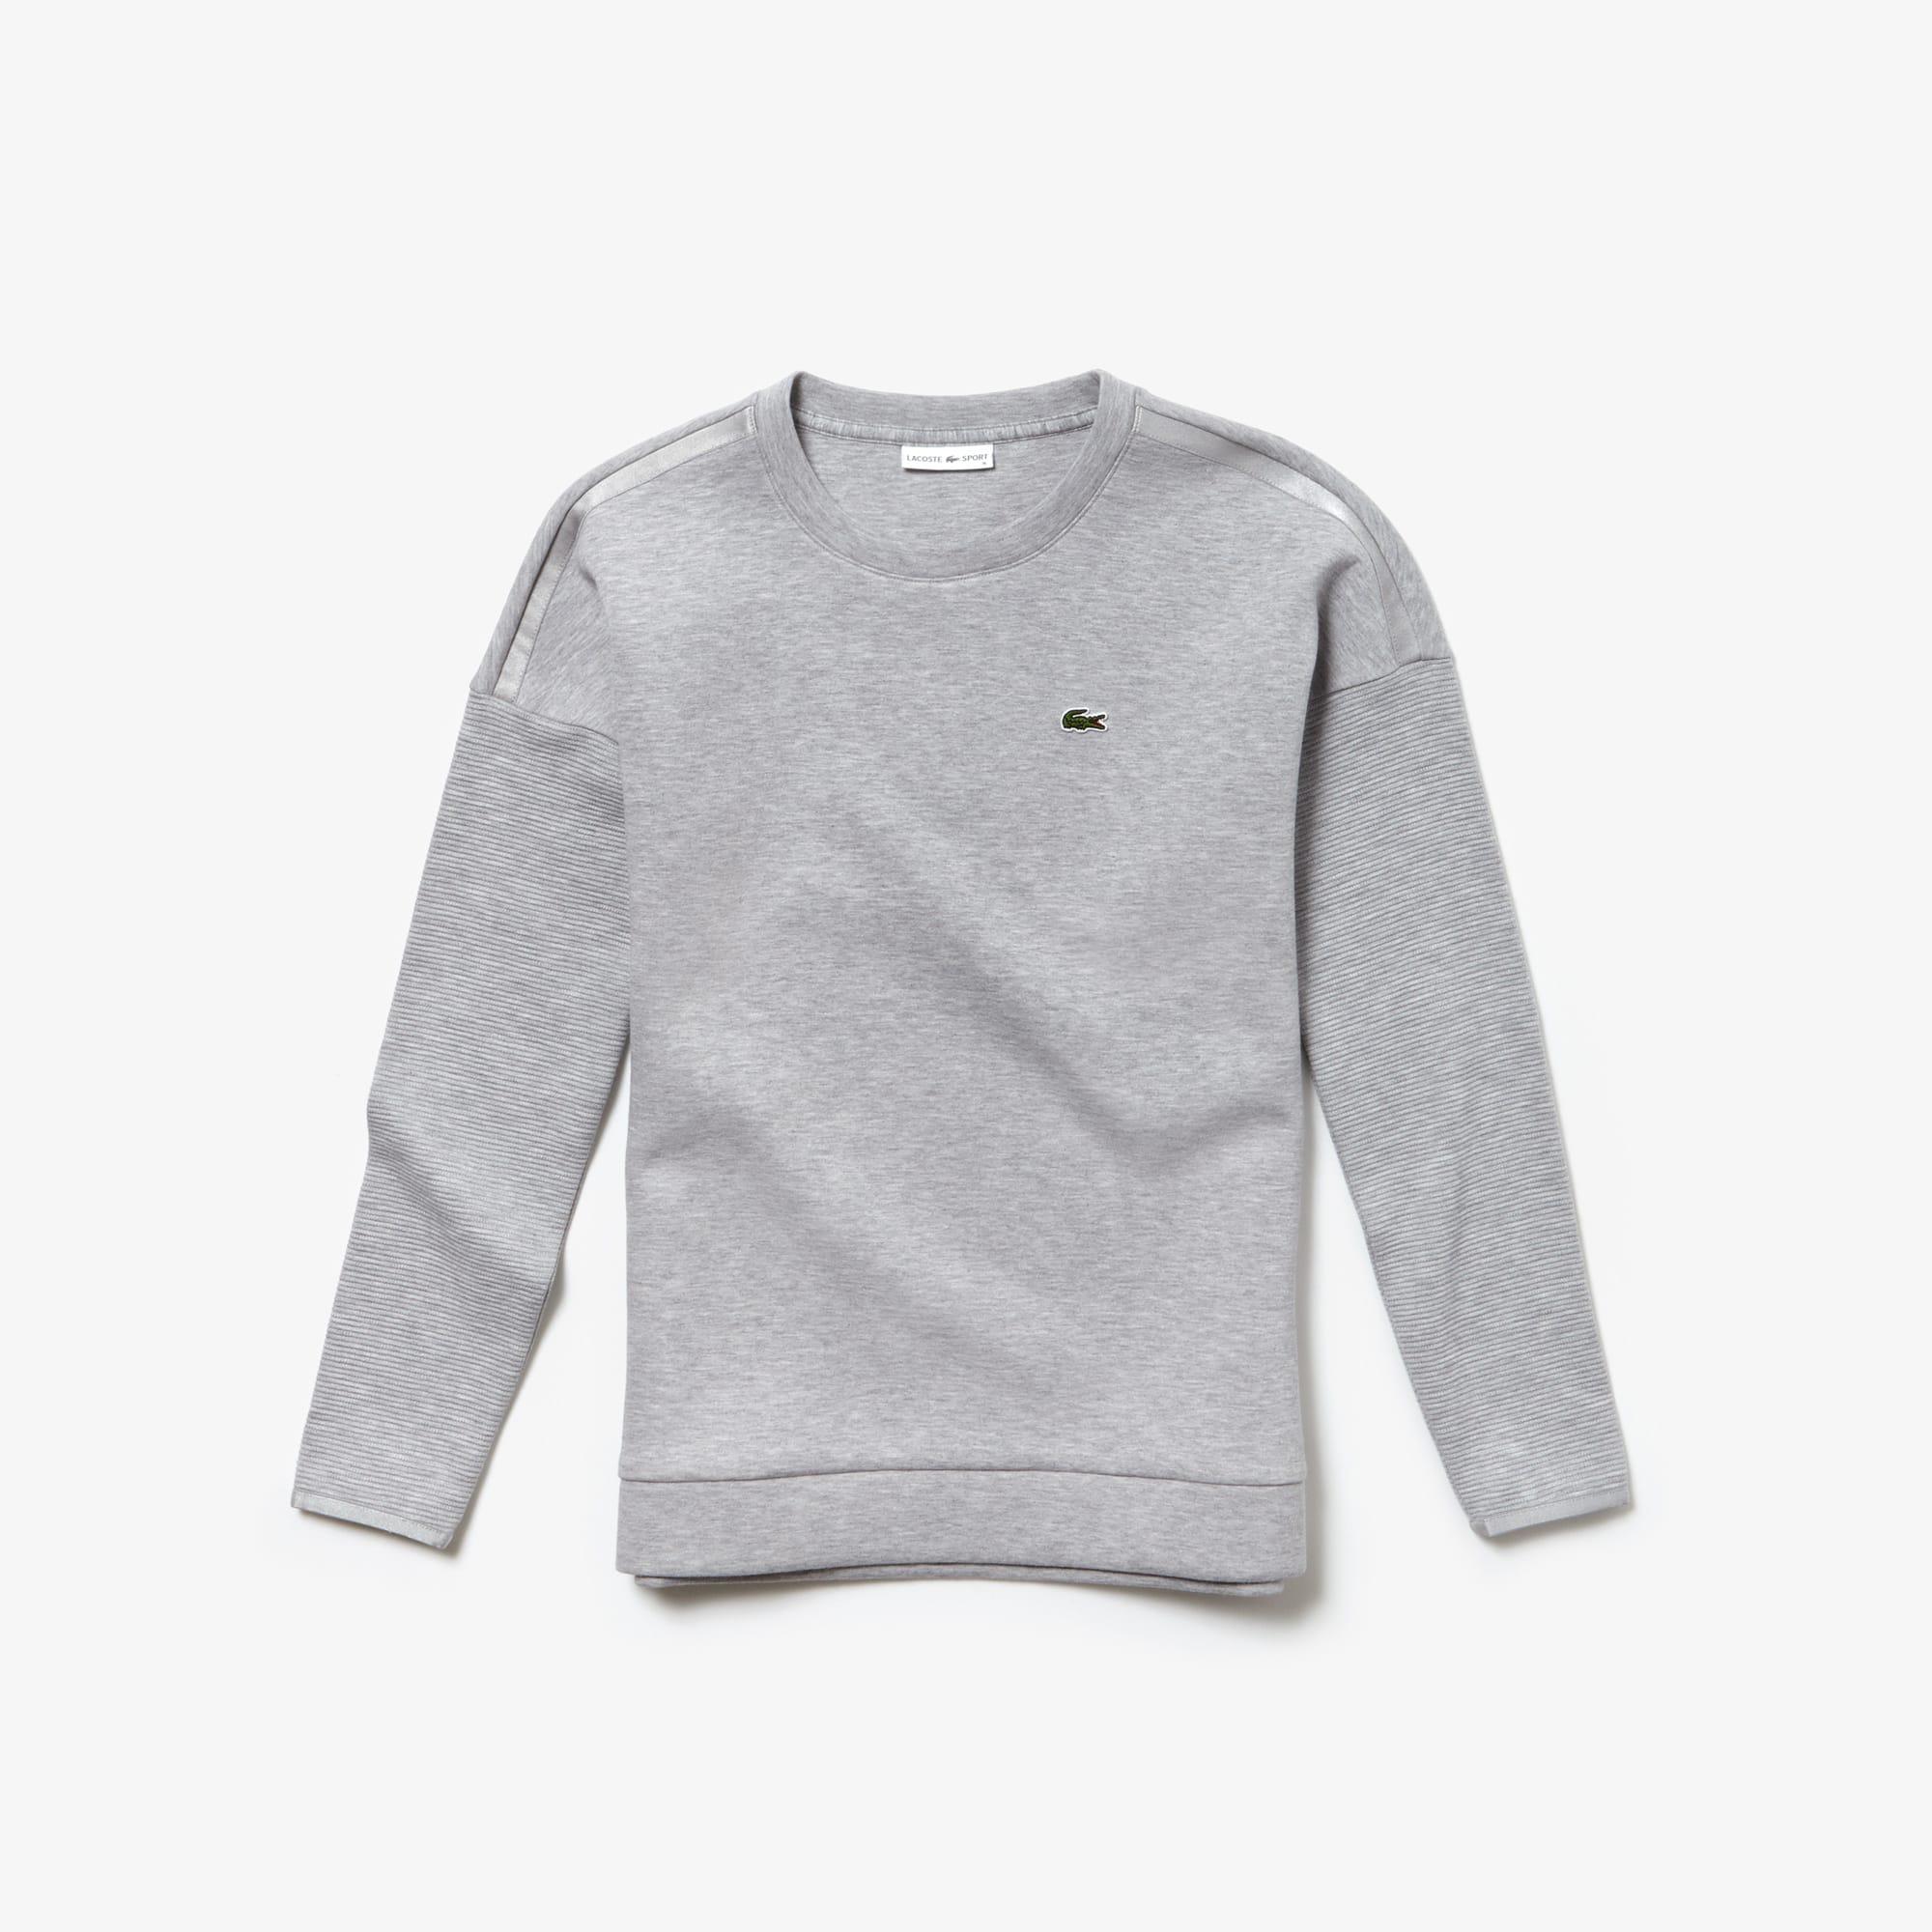 라코스테 후리스 스웻셔츠 Lacoste Womens SPORT Fleece Tennis Sweatshirt,Grey Chine / Light Grey